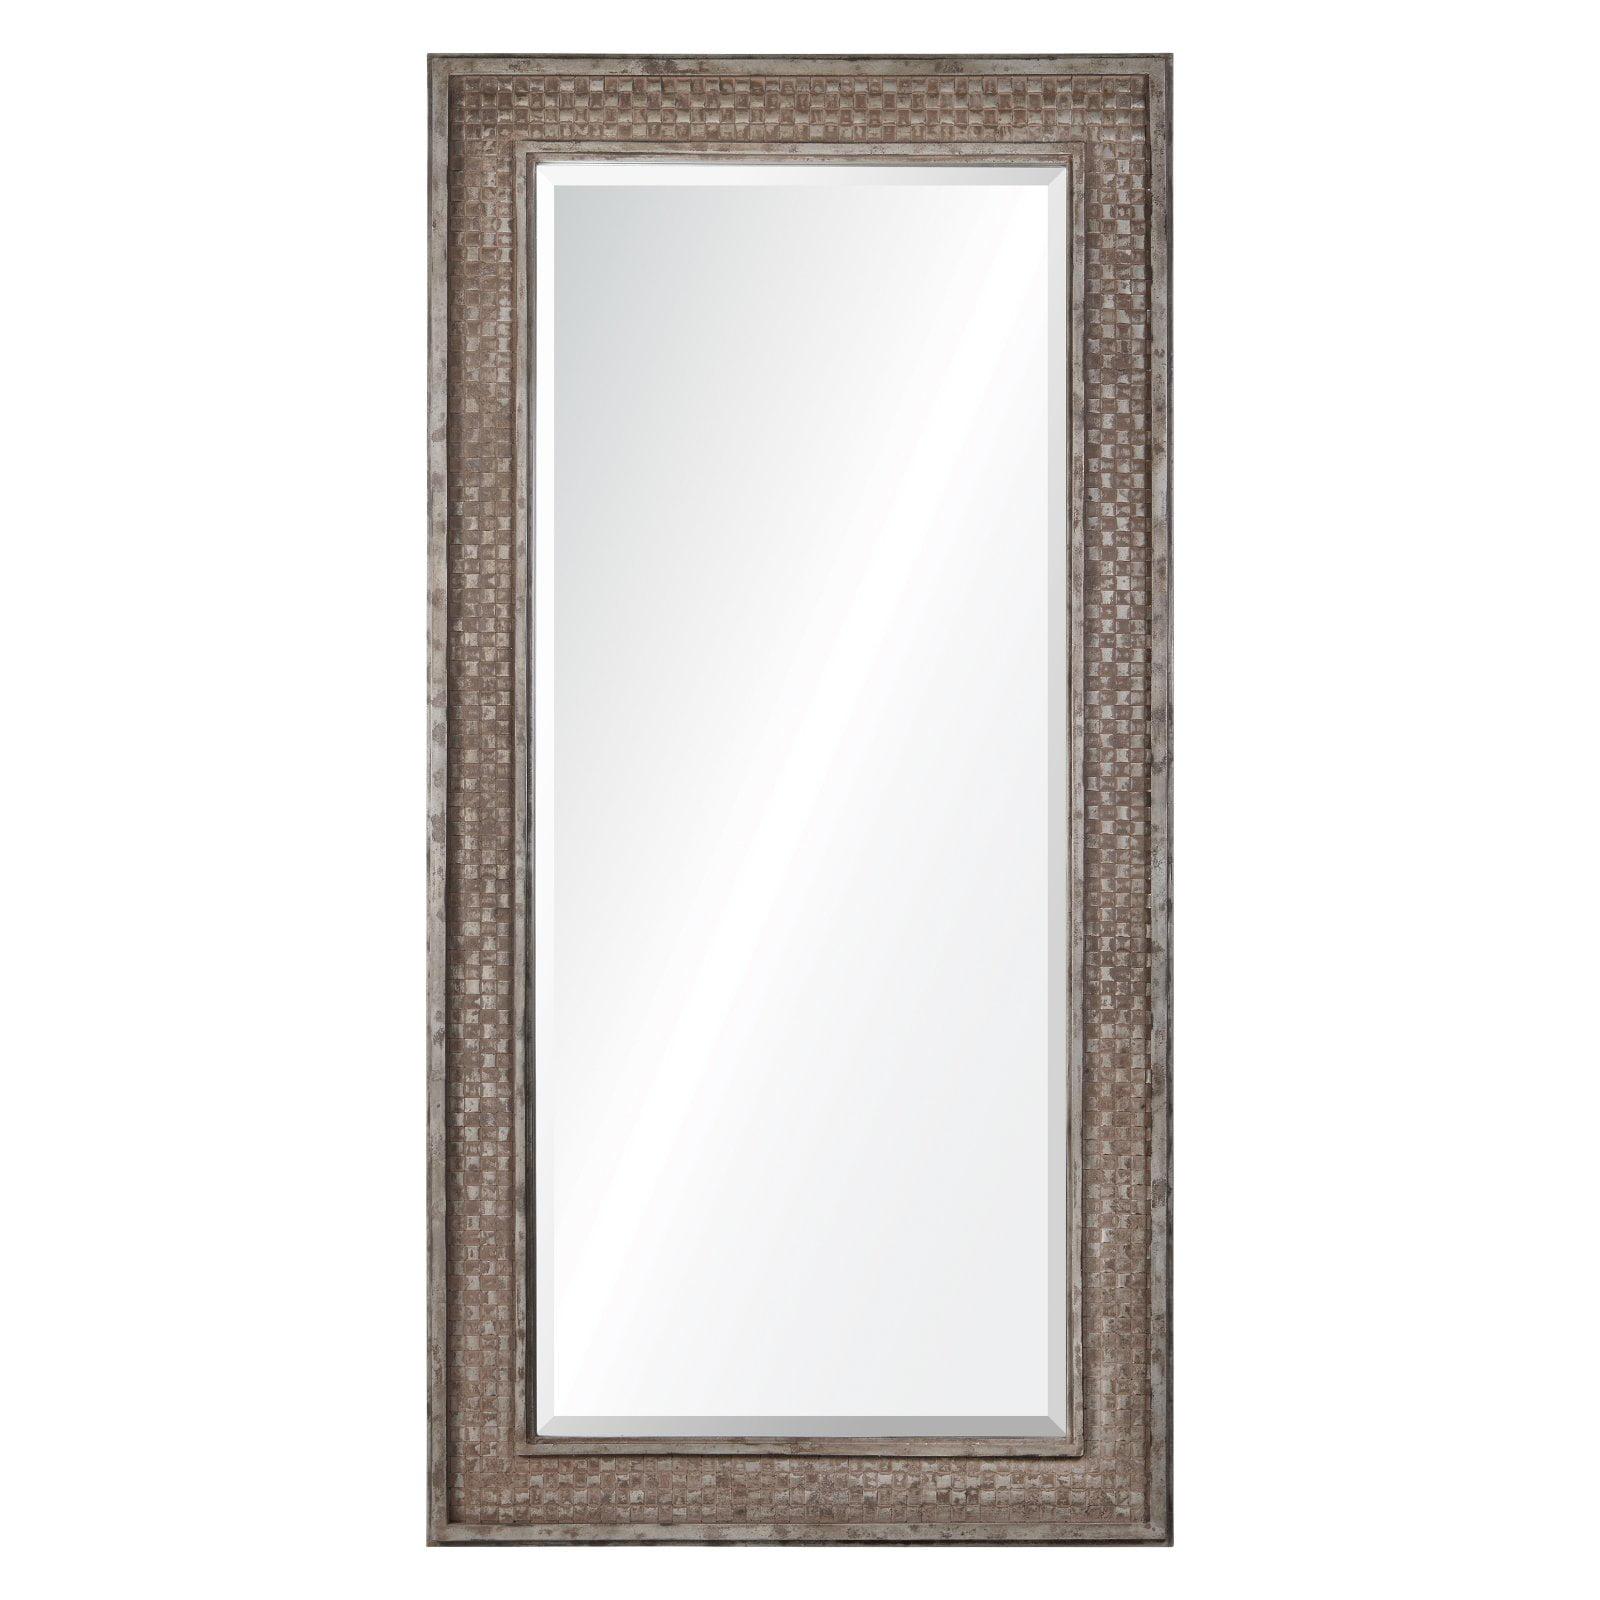 Cooper Classics Cormac Floor Wall Mirror by Cooper Classics